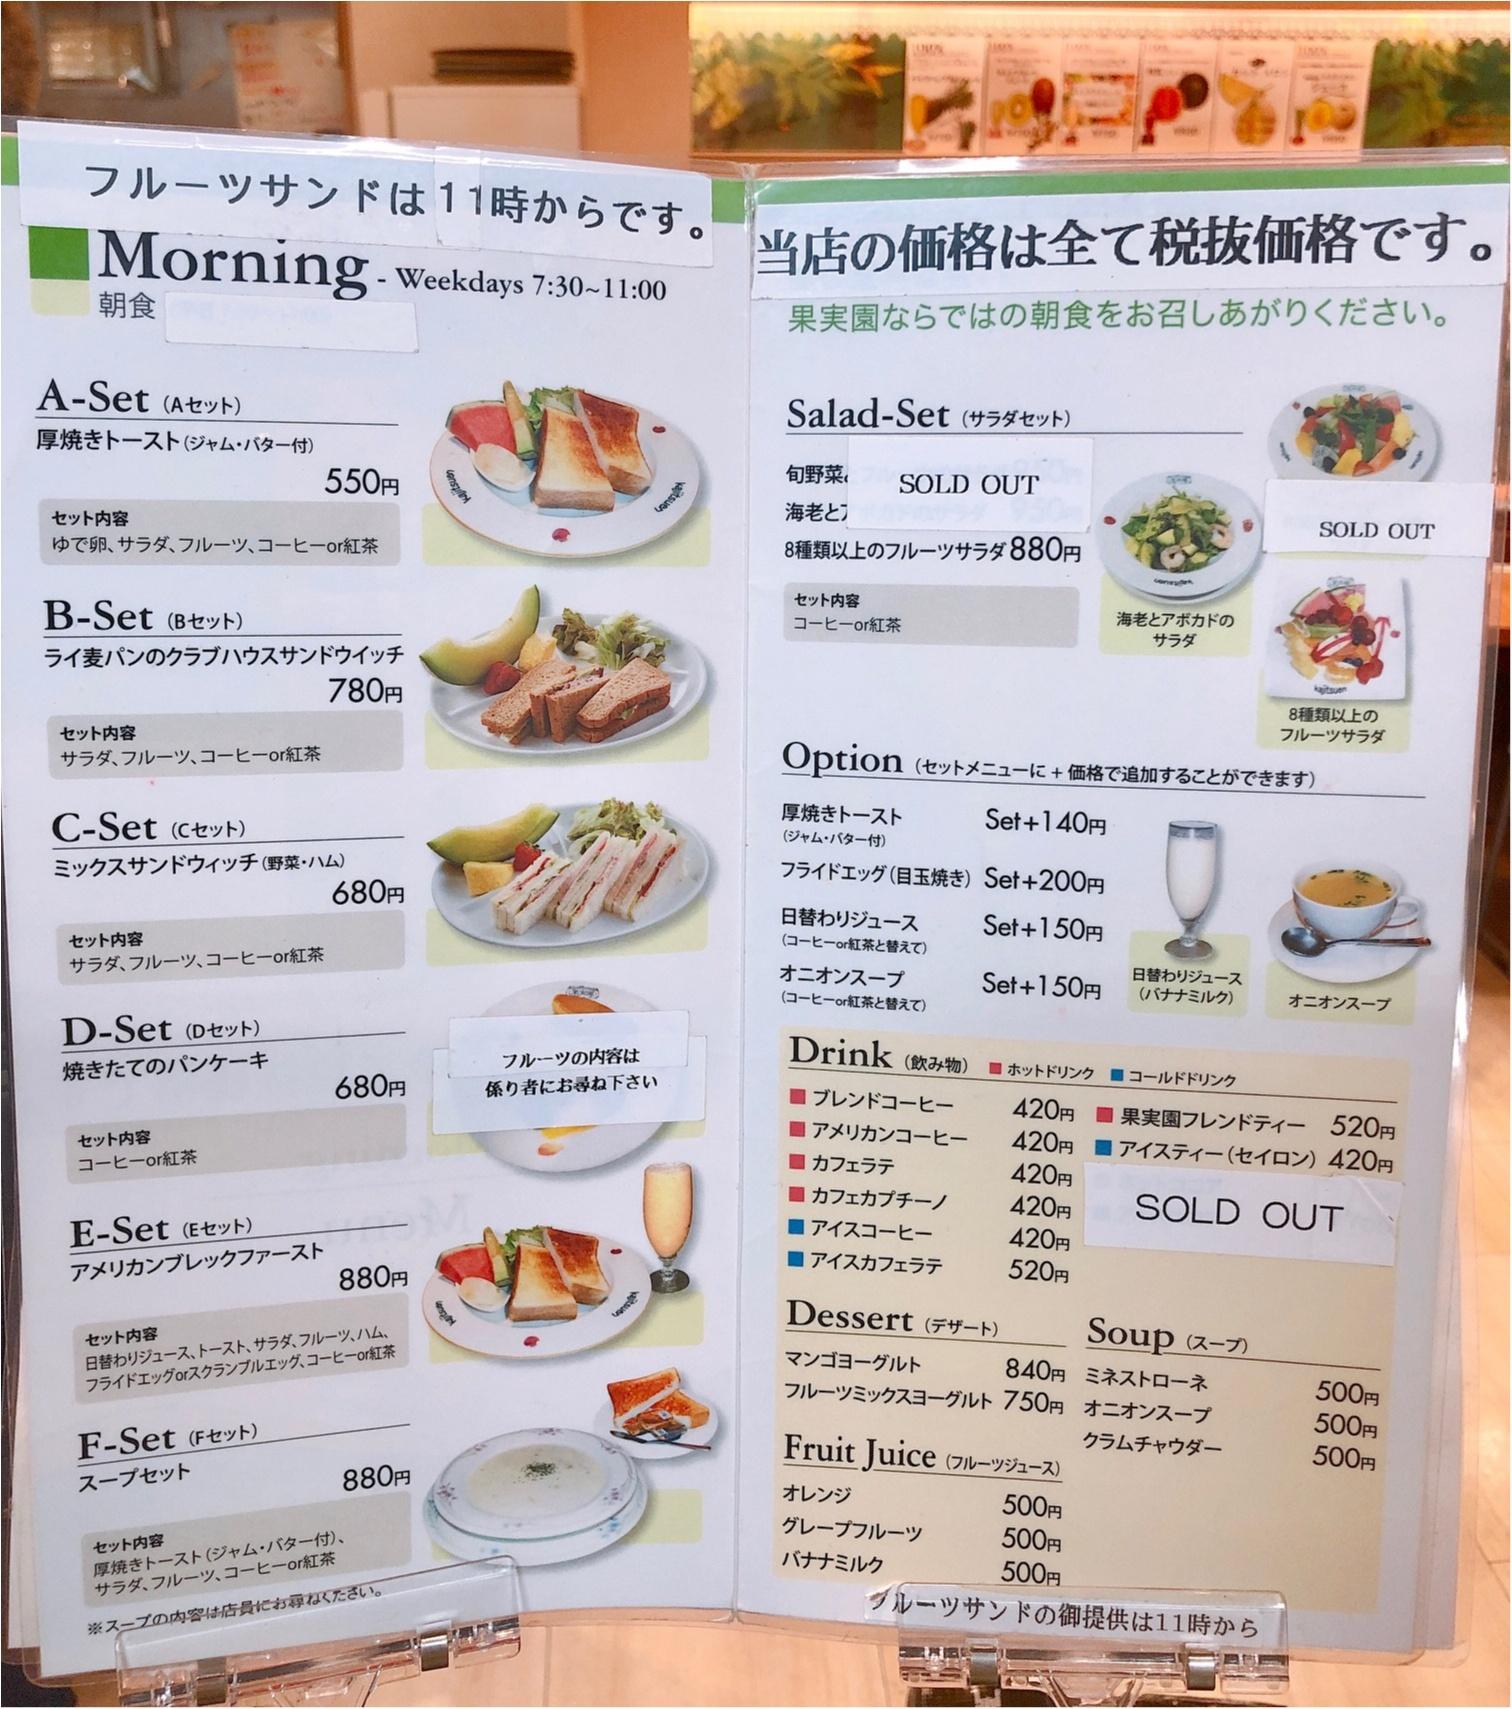 【モーニング】盛り盛りフルーツで朝から贅沢気分♪@東京駅_3